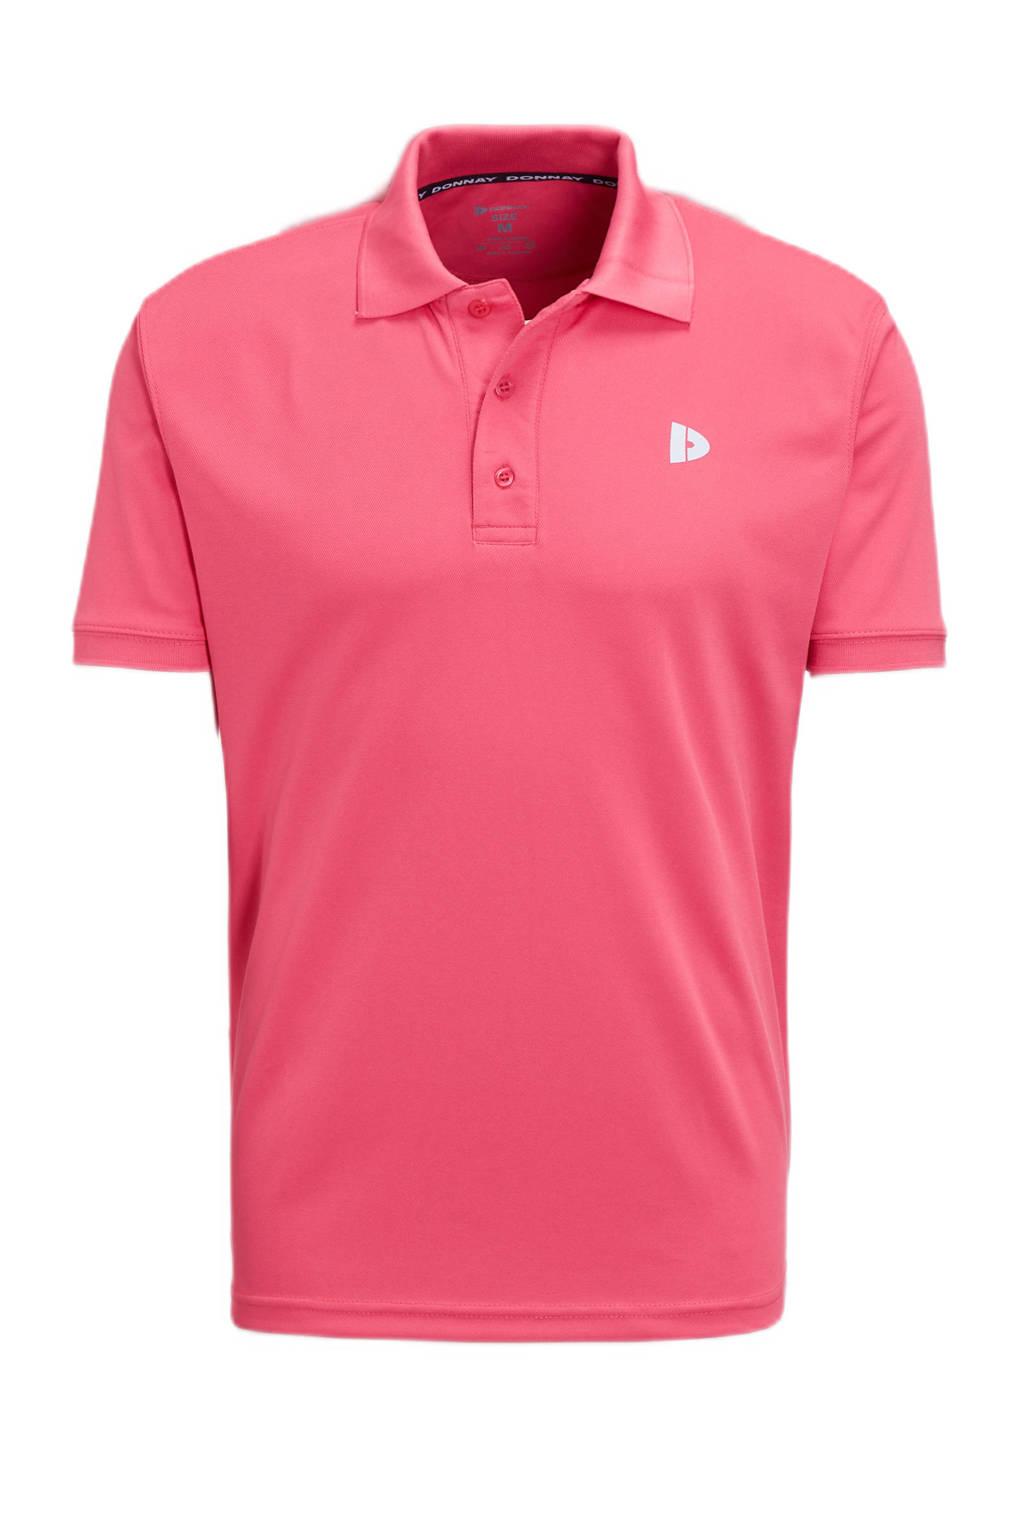 Donnay   sportpolo roze, Roze